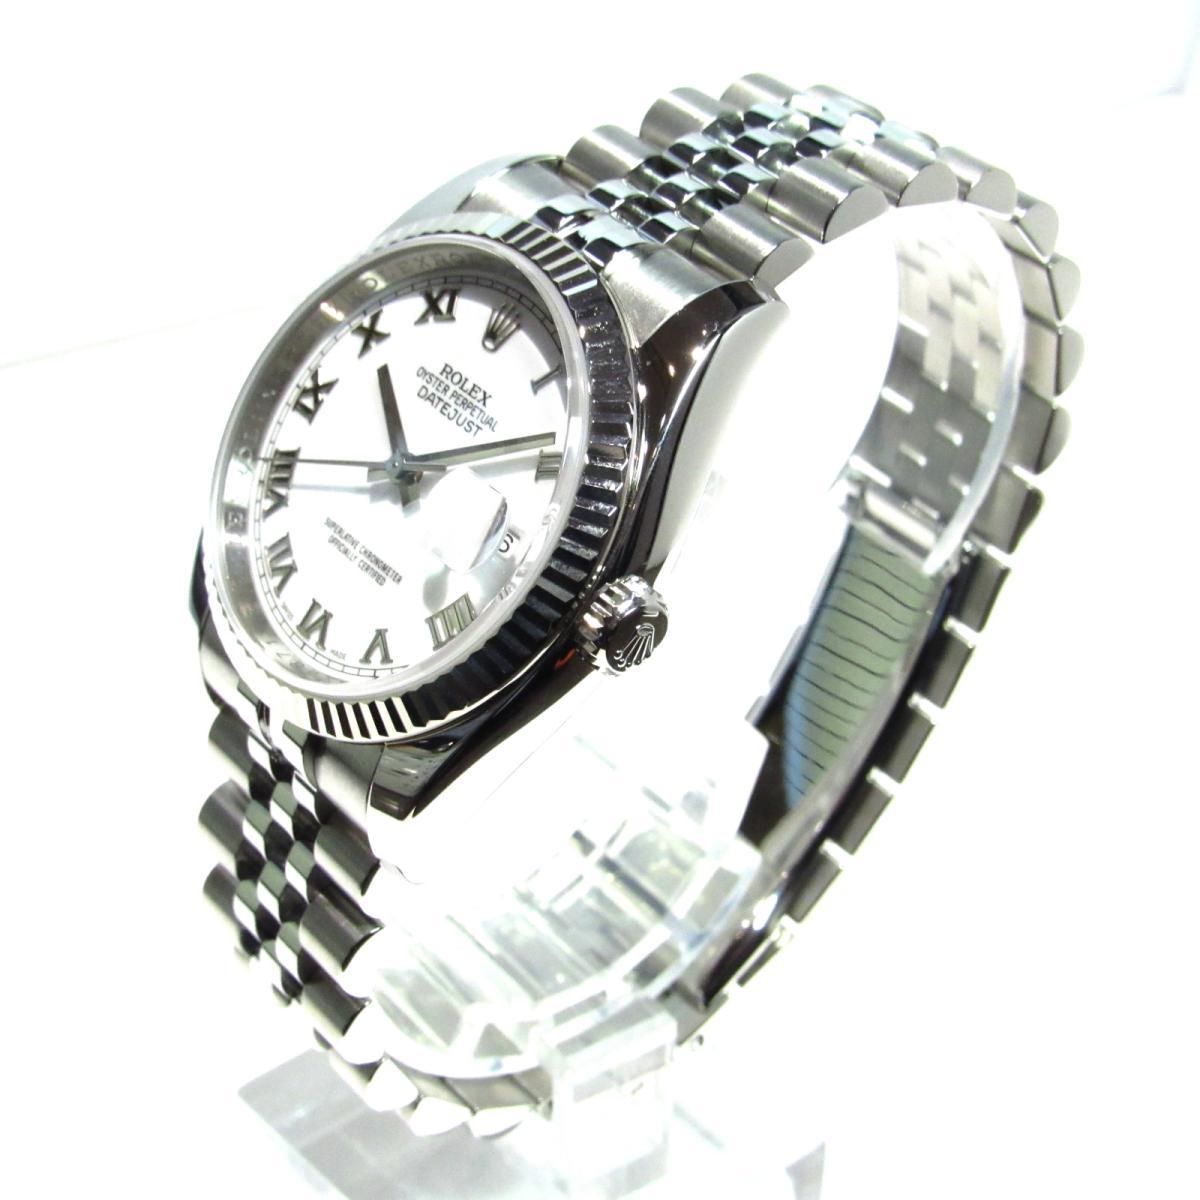 ROLEX 時計 116234 デイトジャスト 腕時計/メンズ/人気/おすすめ